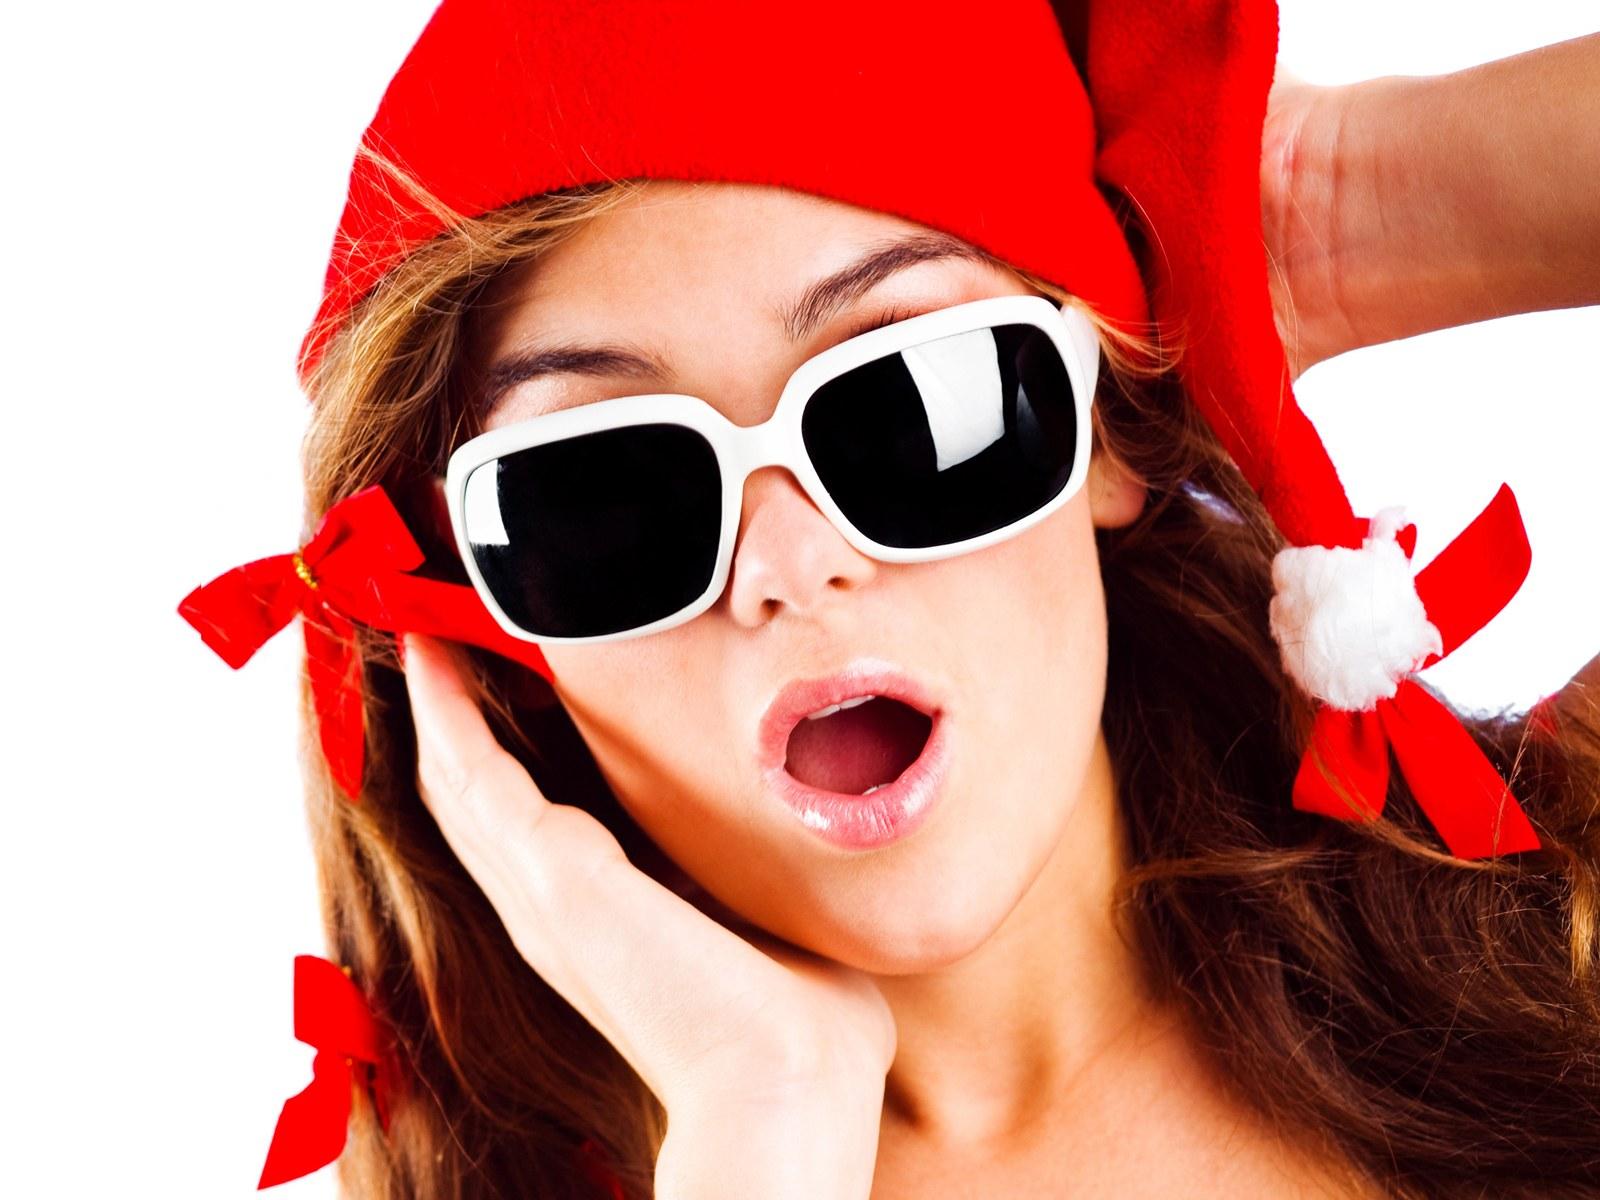 可爱活泼的圣诞大全美女模特图片素材(28P)[中广告背片身图片图美女图片